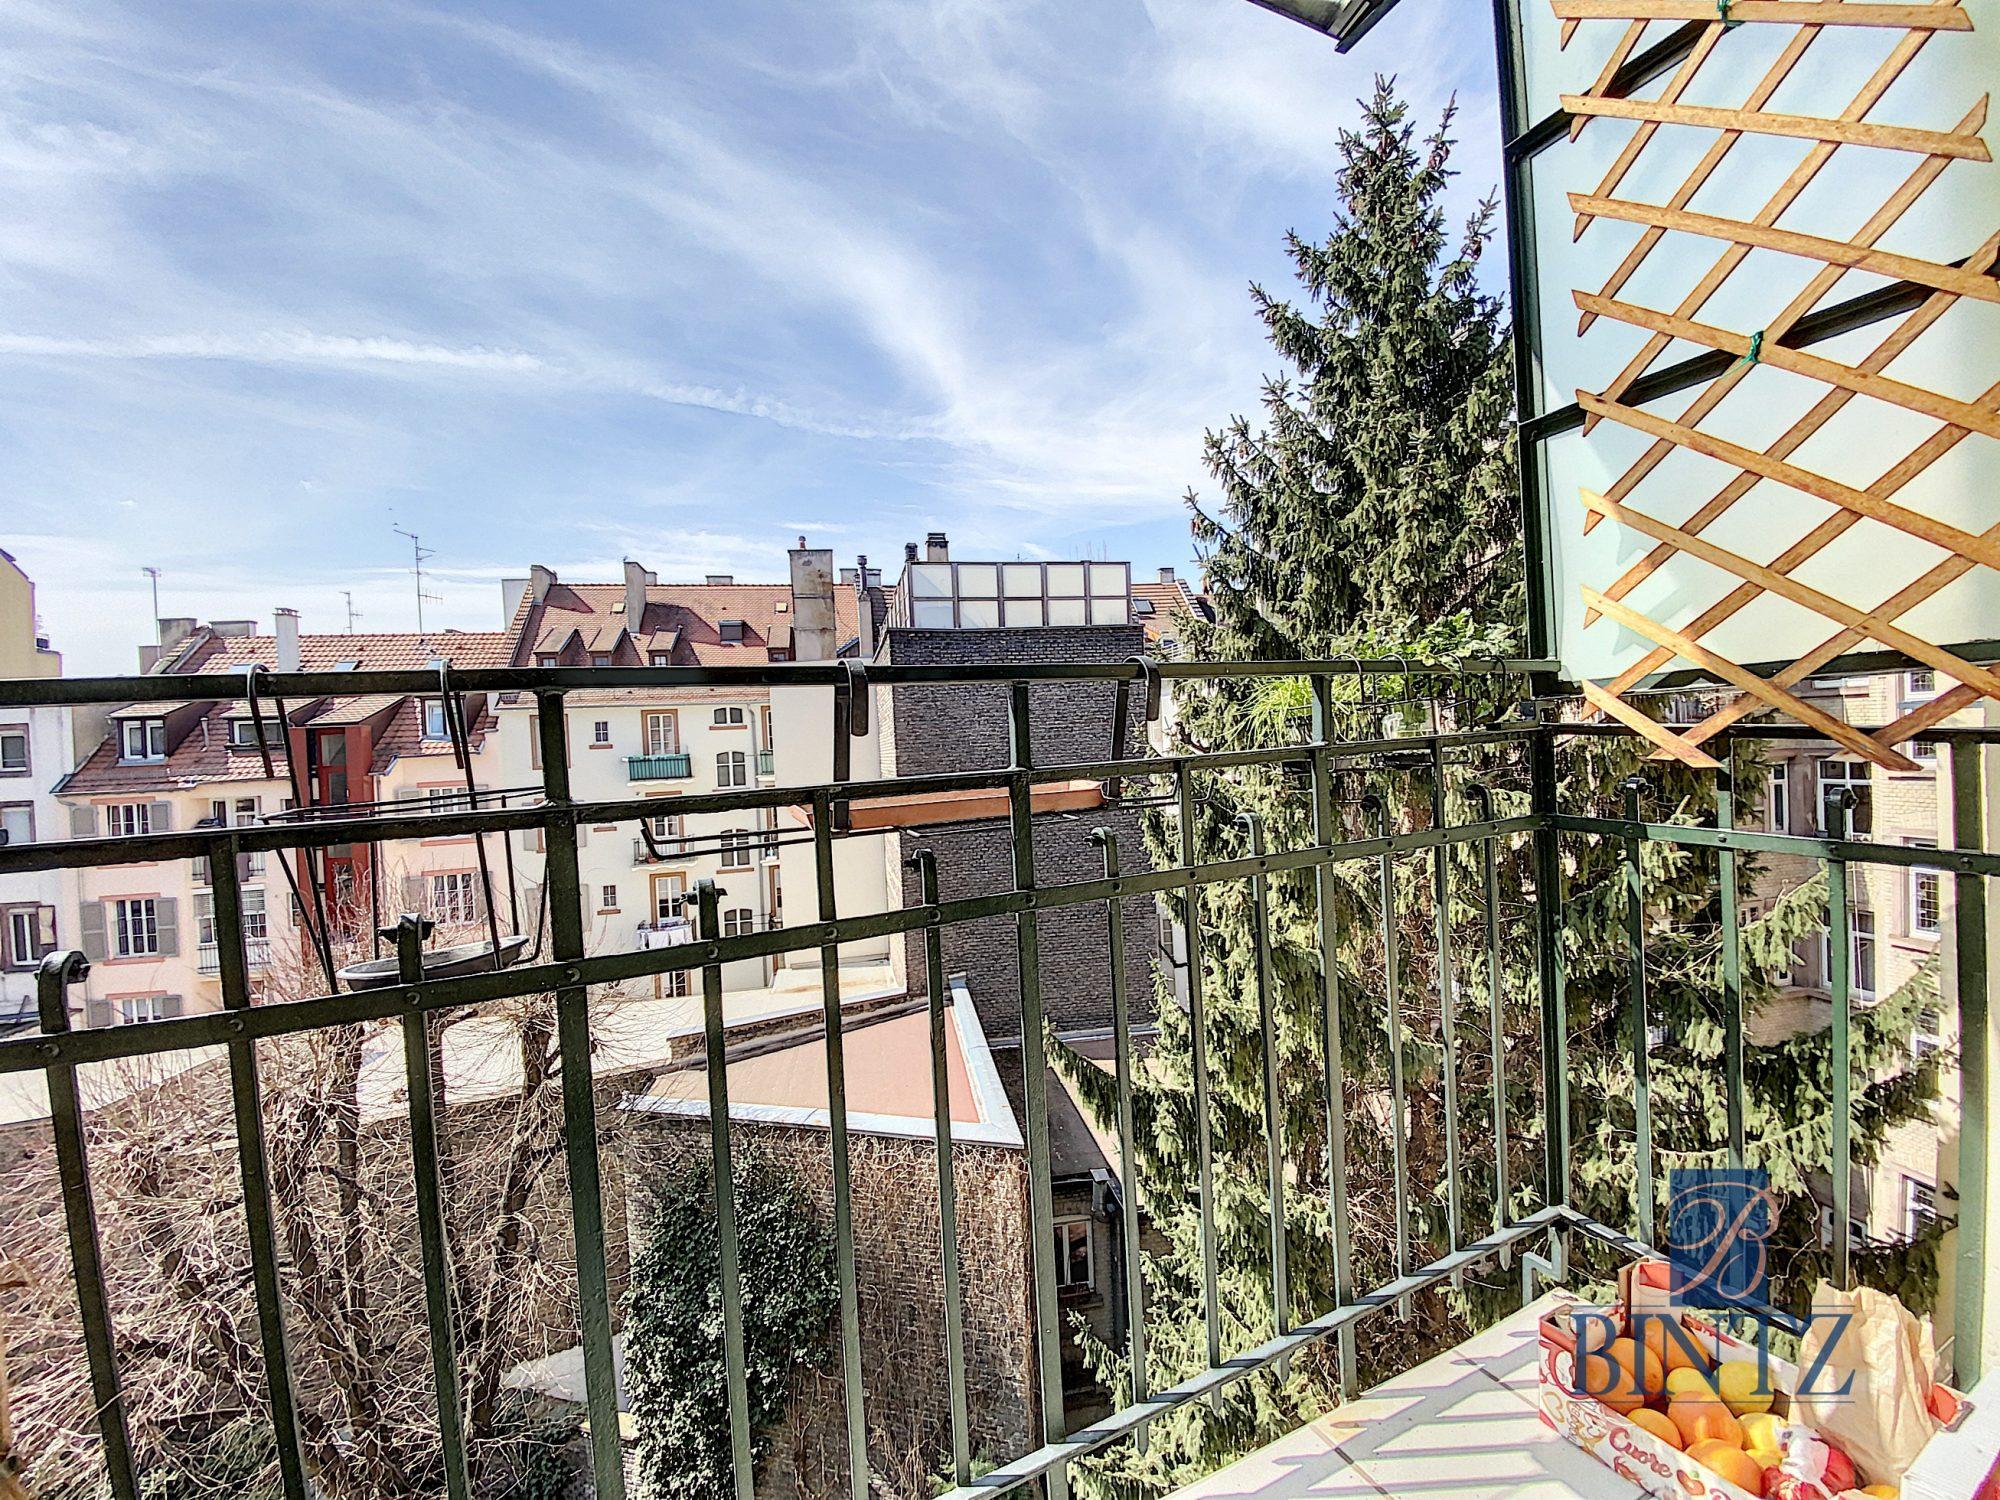 Appartement de 7 pièces – Rue Schwendi - Devenez propriétaire en toute confiance - Bintz Immobilier - 14